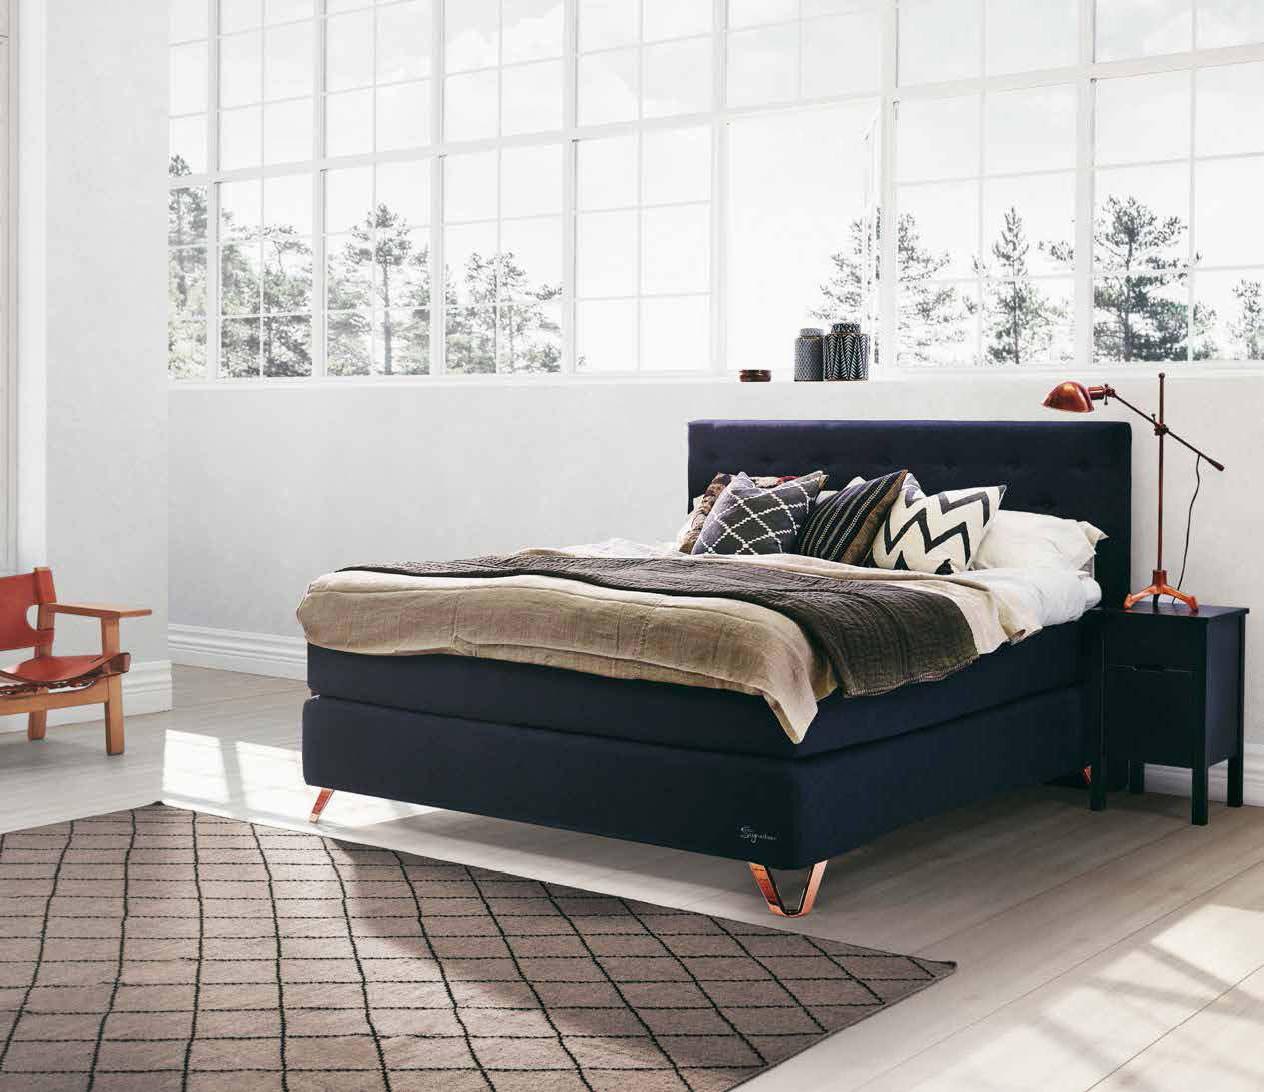 Full Size of Jensen Bett Kaufen Schlafkultur Lang Signature Hamburg Betten 200x220 Ebay 180x200 De 120x200 Mit Bettkasten Matratze Und Lattenrost 140x200 Landhausstil Wohnzimmer Jensen Bett Kaufen